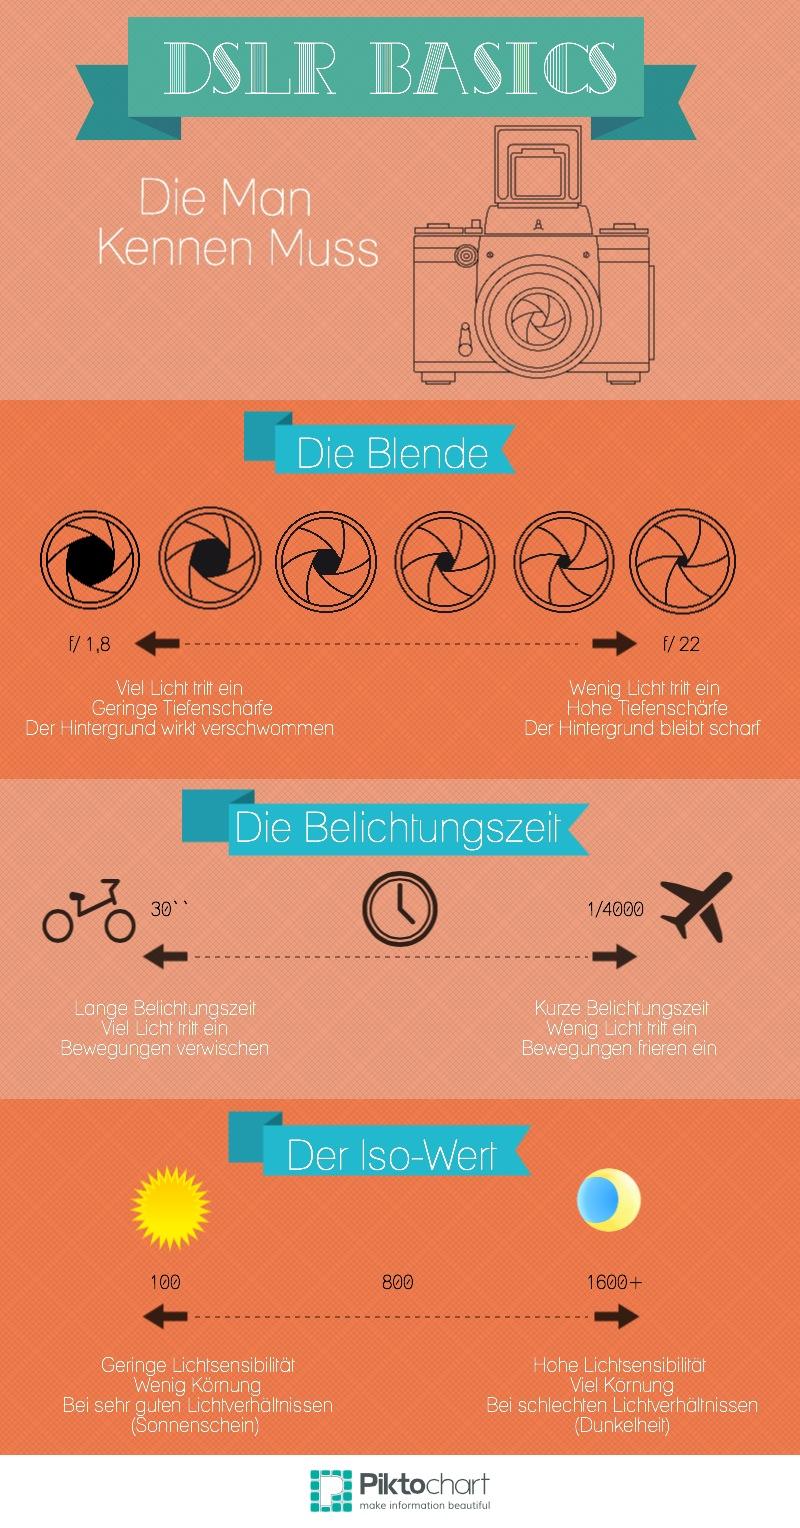 DSLR Basics infographic